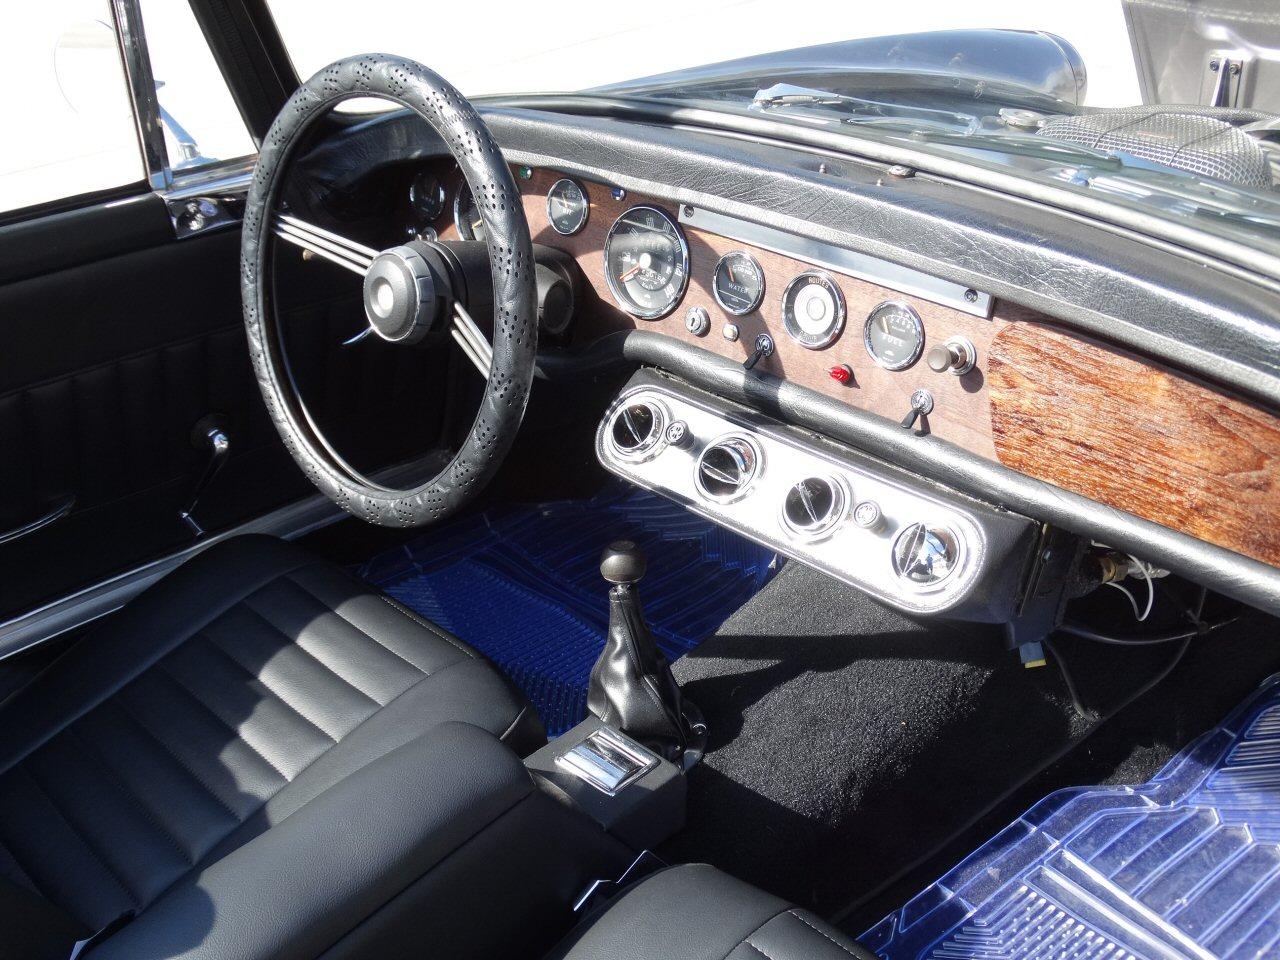 1965 Sunbeam Tiger 49